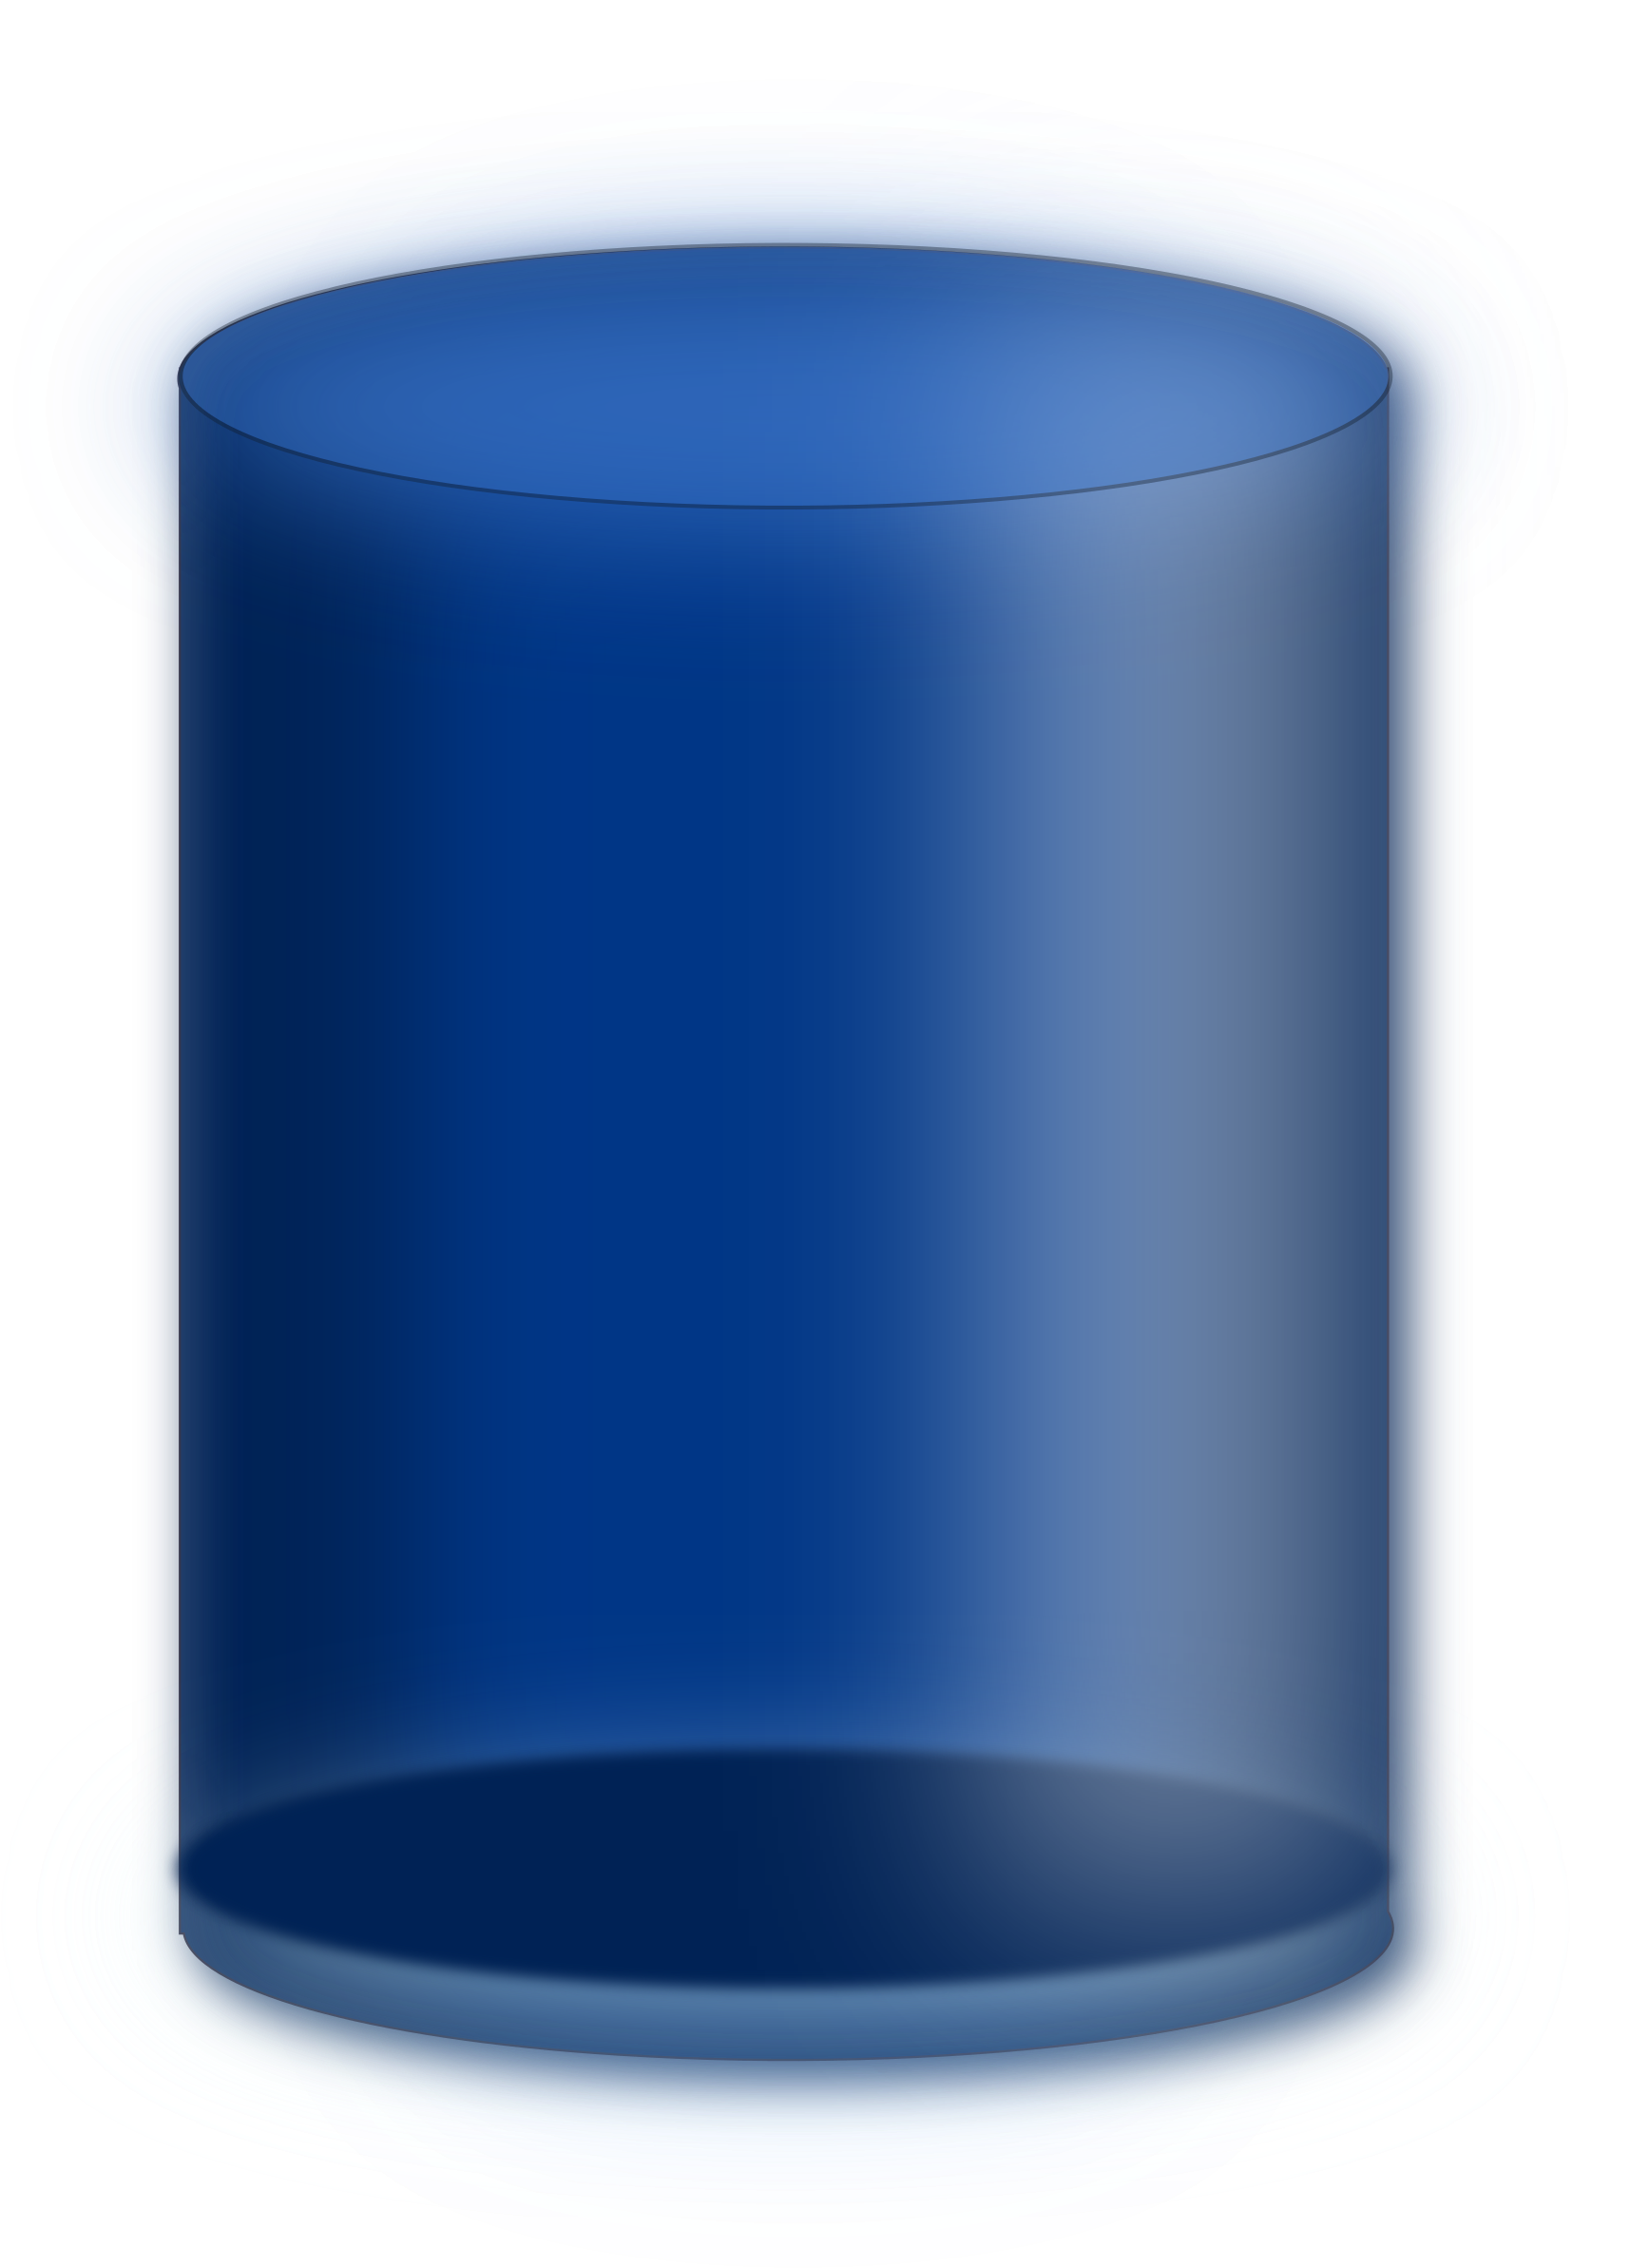 картинка геометрический цилиндр того чтобы